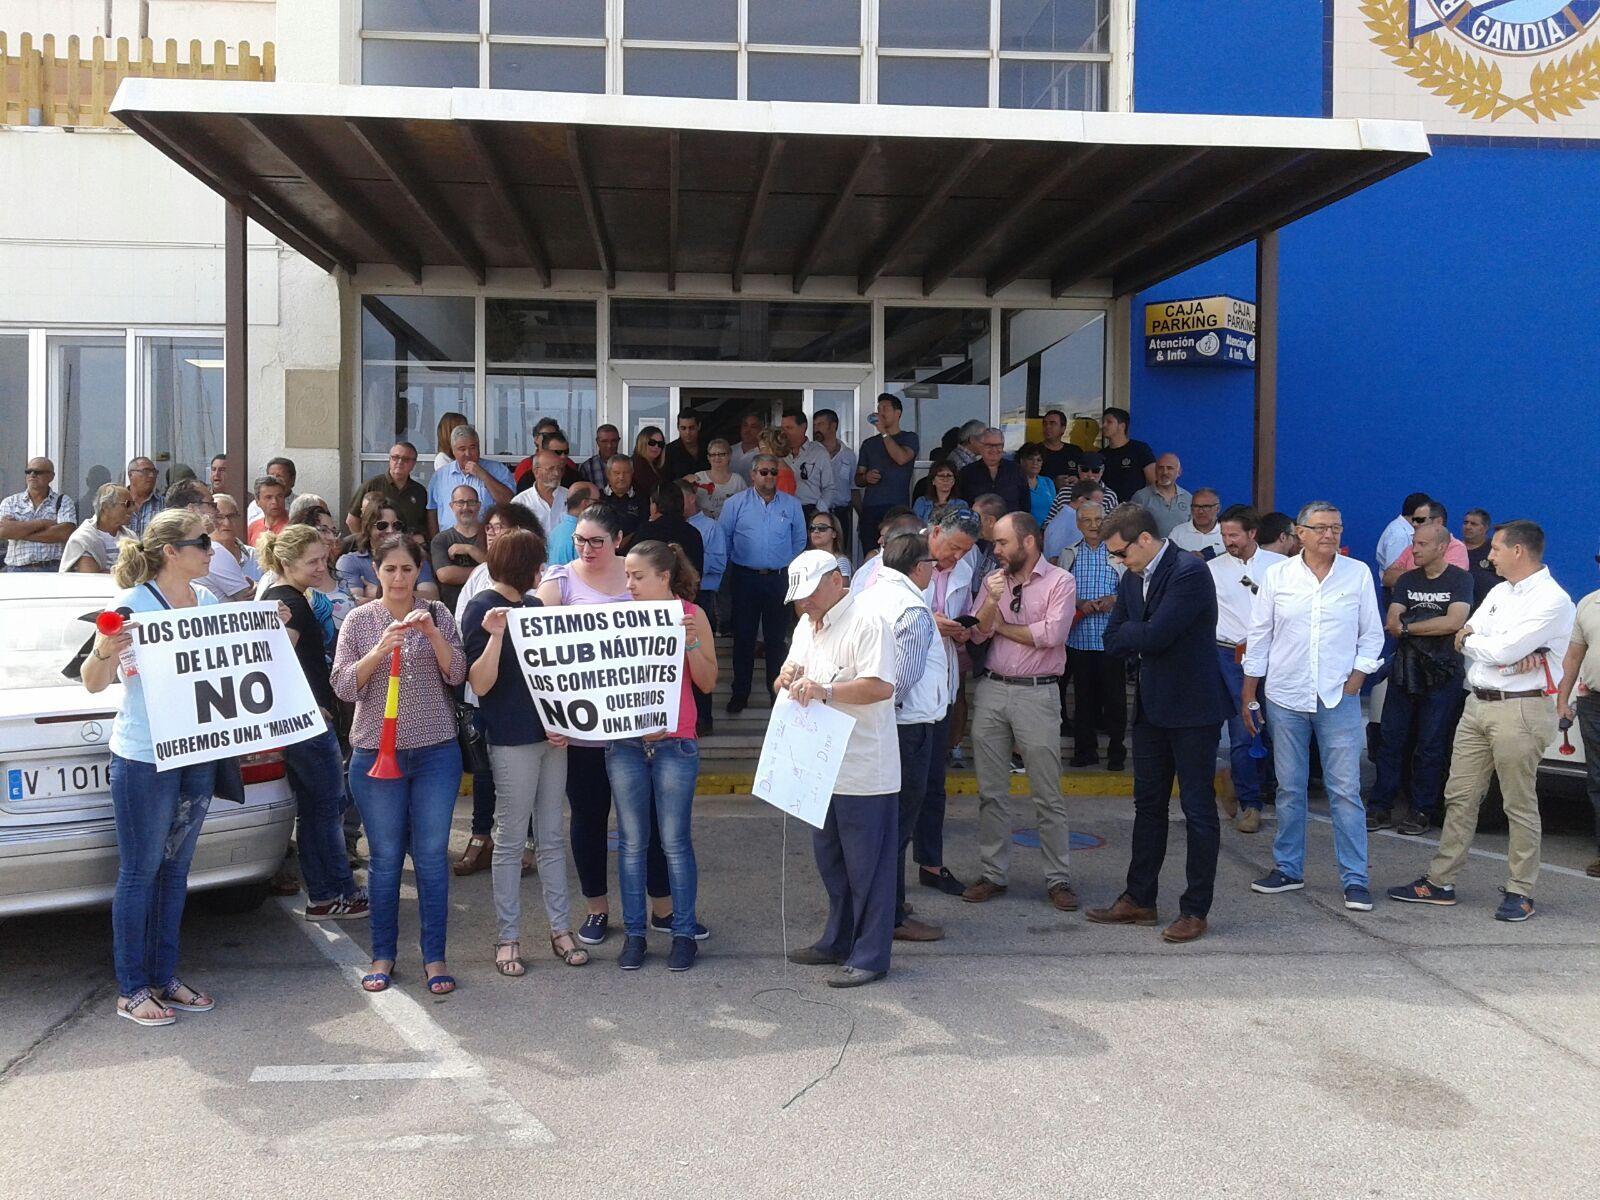 El Real Club Náutico emprende acciones legales contra la decisión de la Autoridad Portuaria